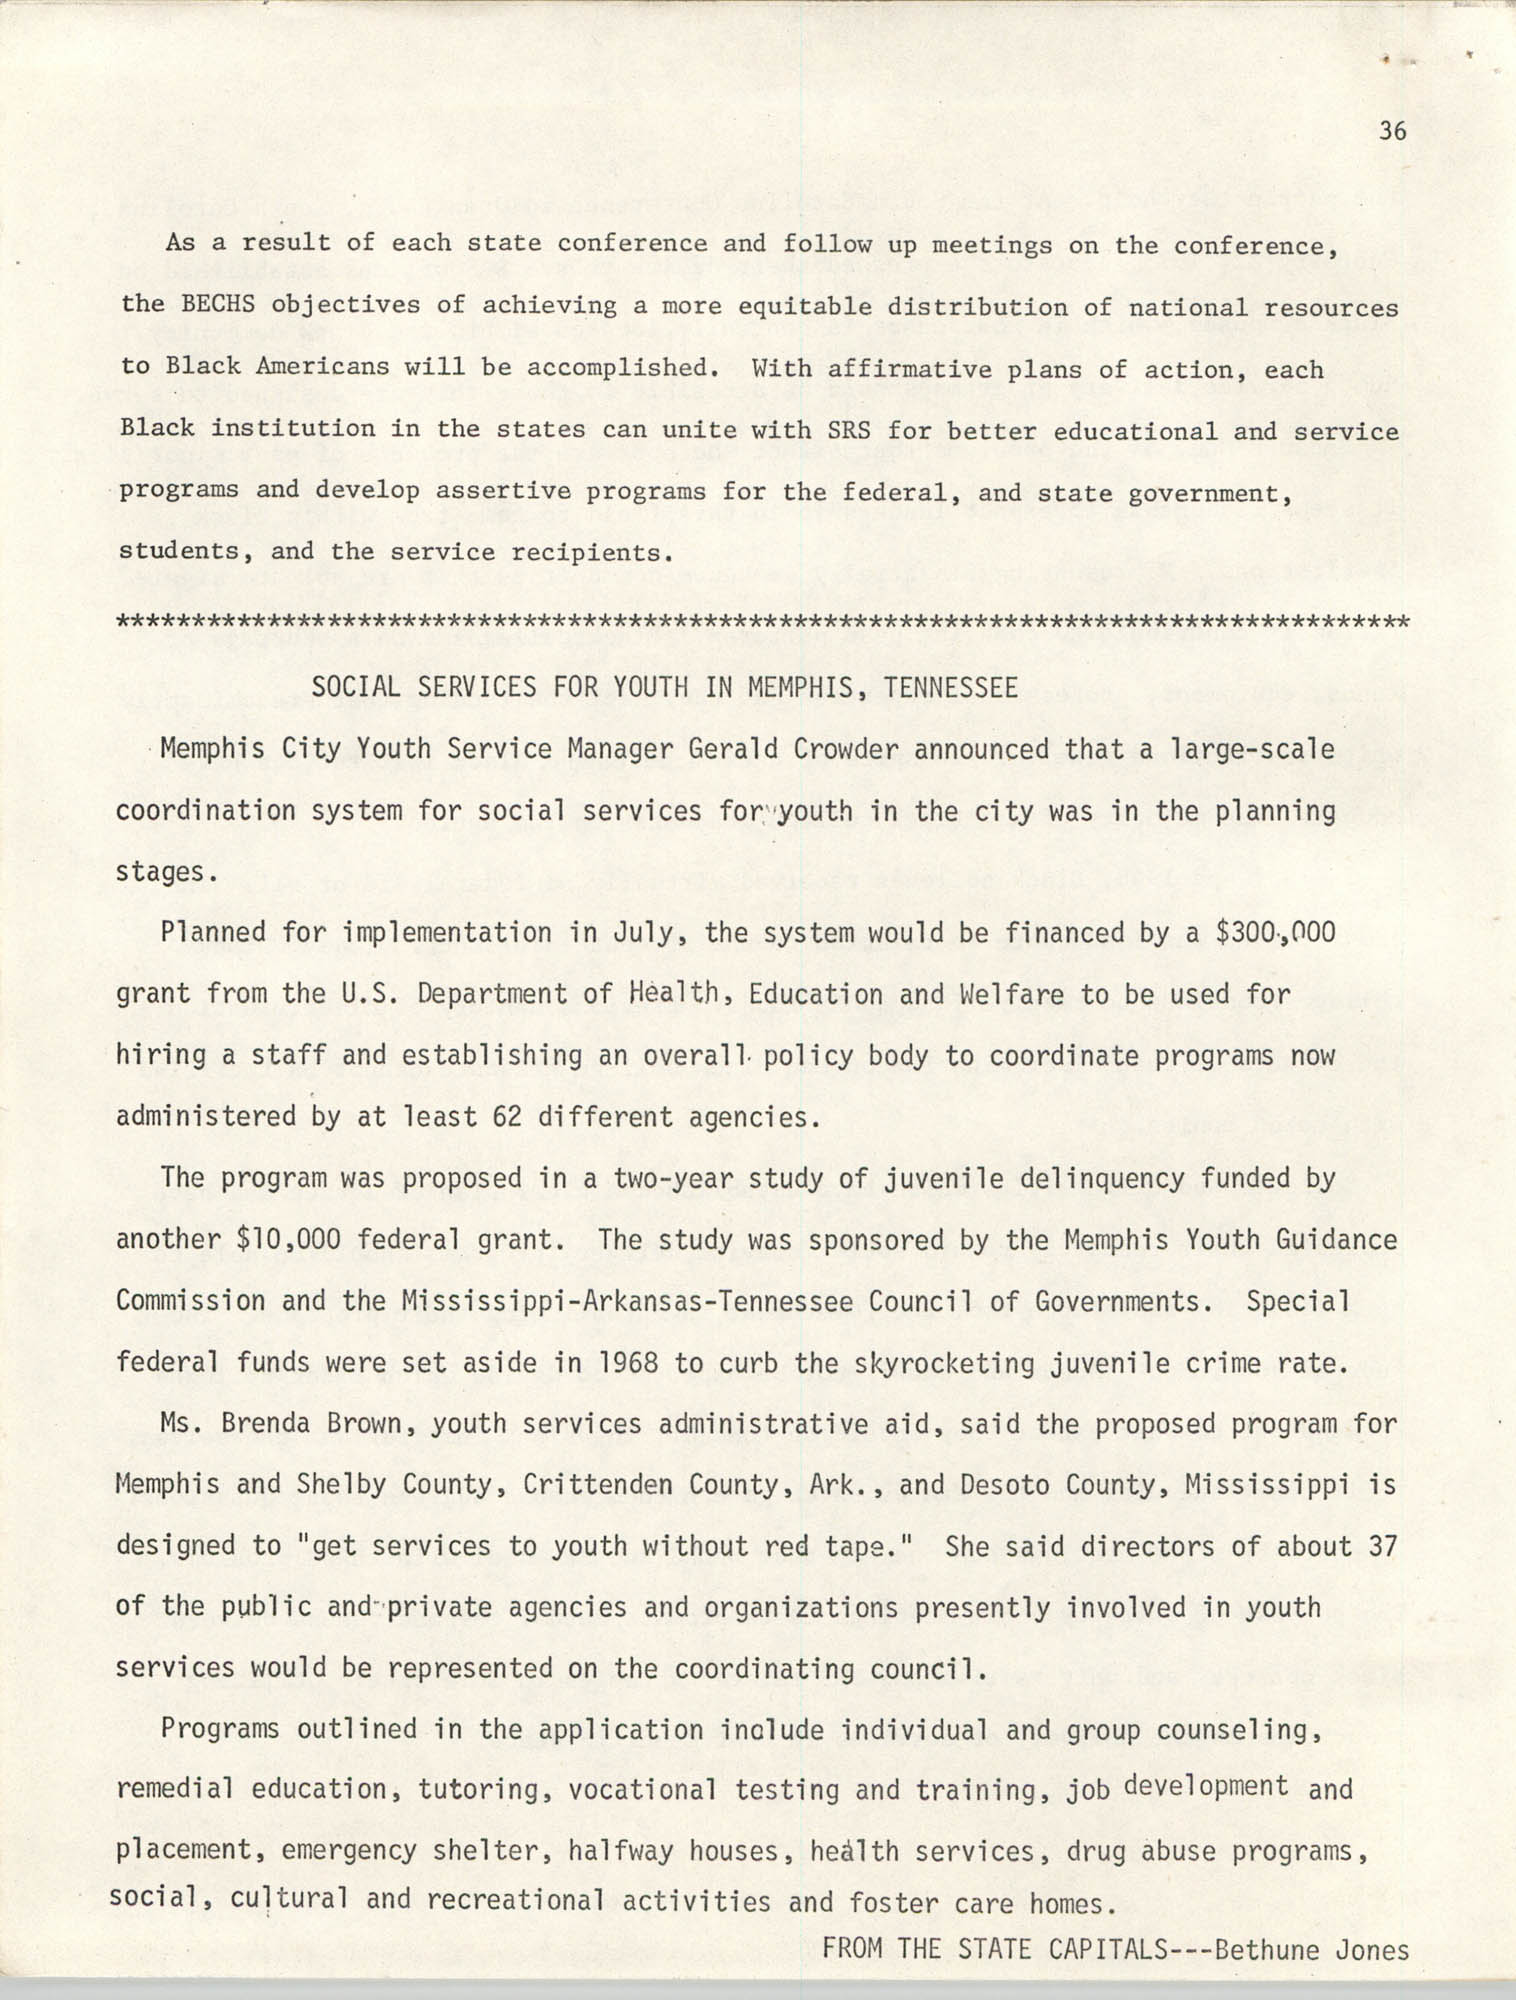 SHARE, Volume I, Number 8, April 1973, Page 36